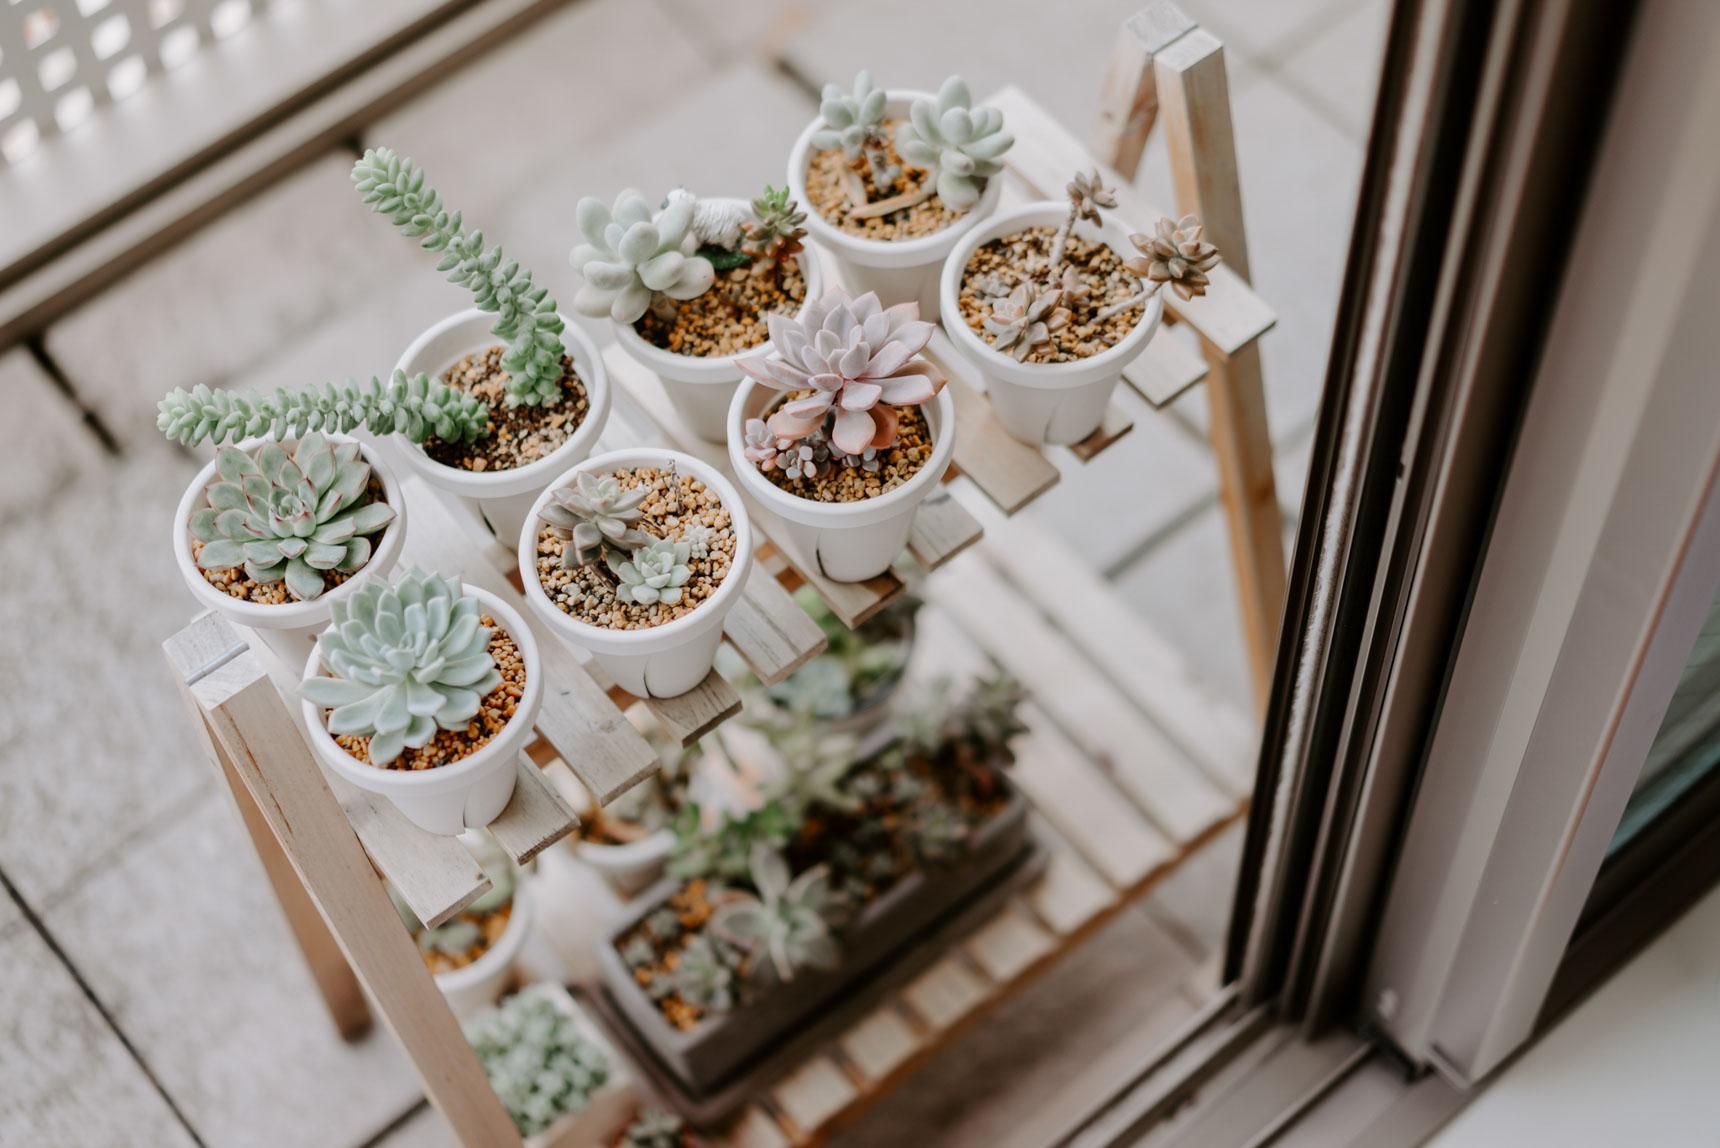 一人暮らしで家をあけることも多いため、室内の大きめのグリーンはほとんどフェイクグリーン。ただしベランダにはどんどん増えているという多肉植物のコレクションがありました。可愛い!